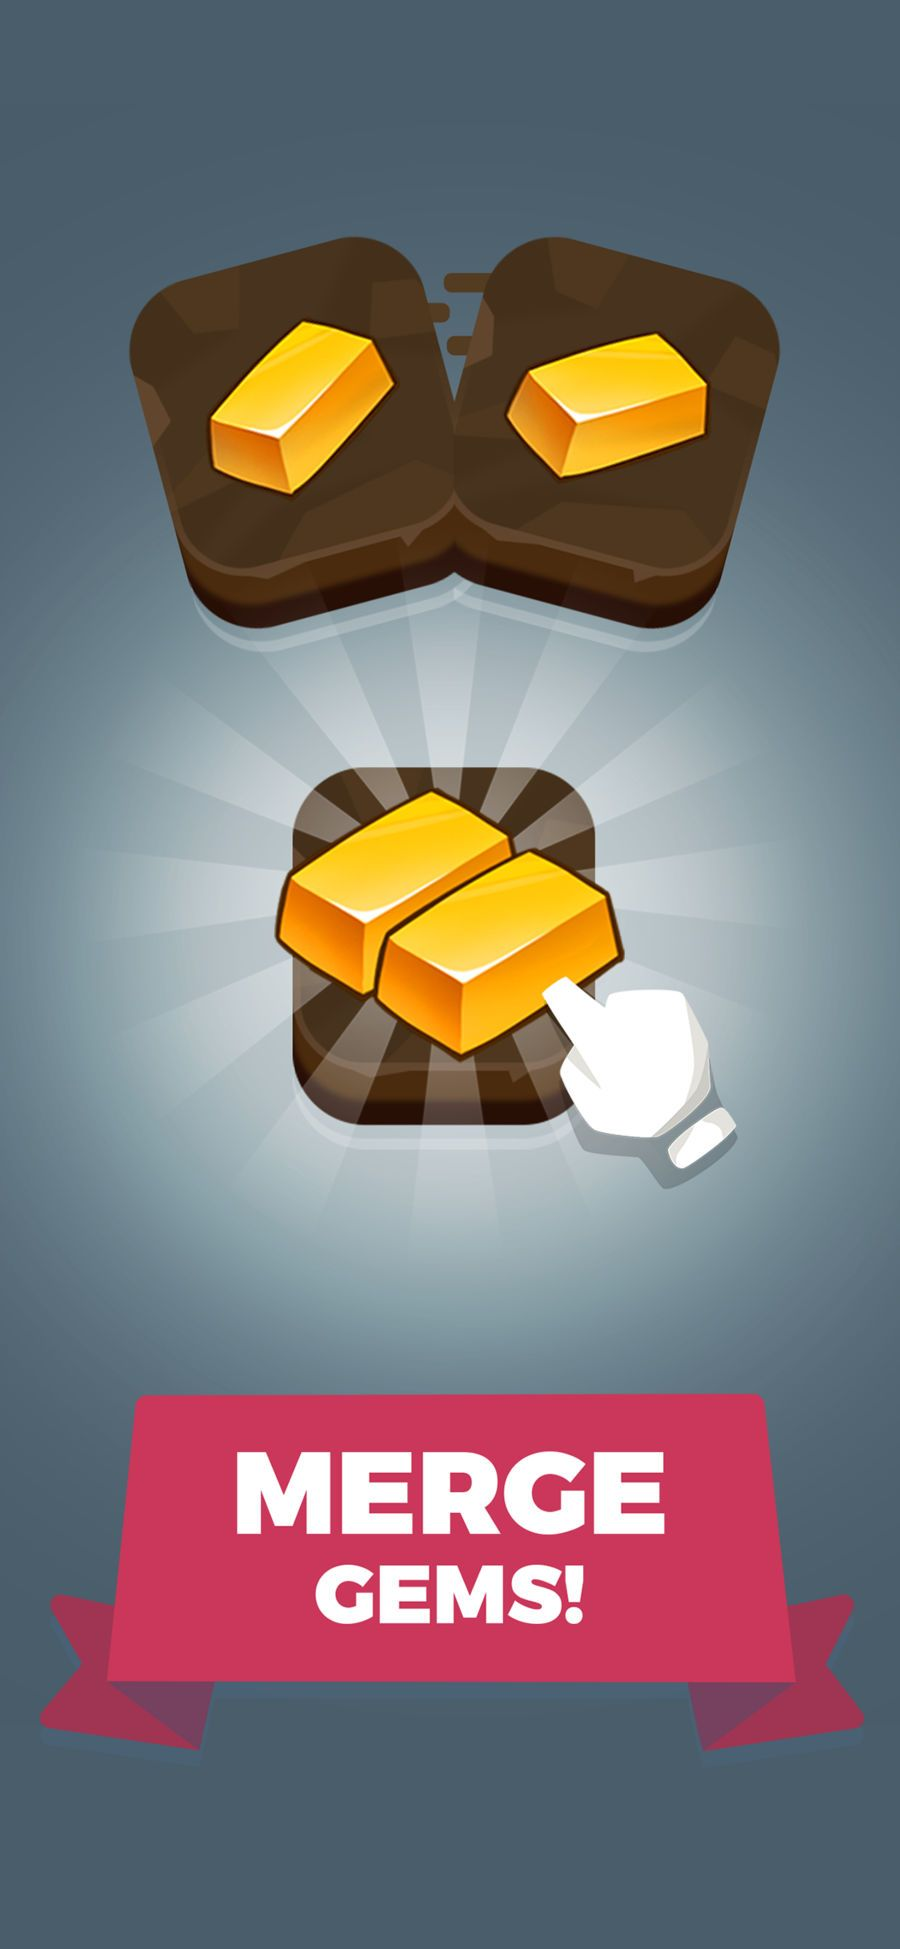 Merge gems puzzlesimulationappsios ios apps gems